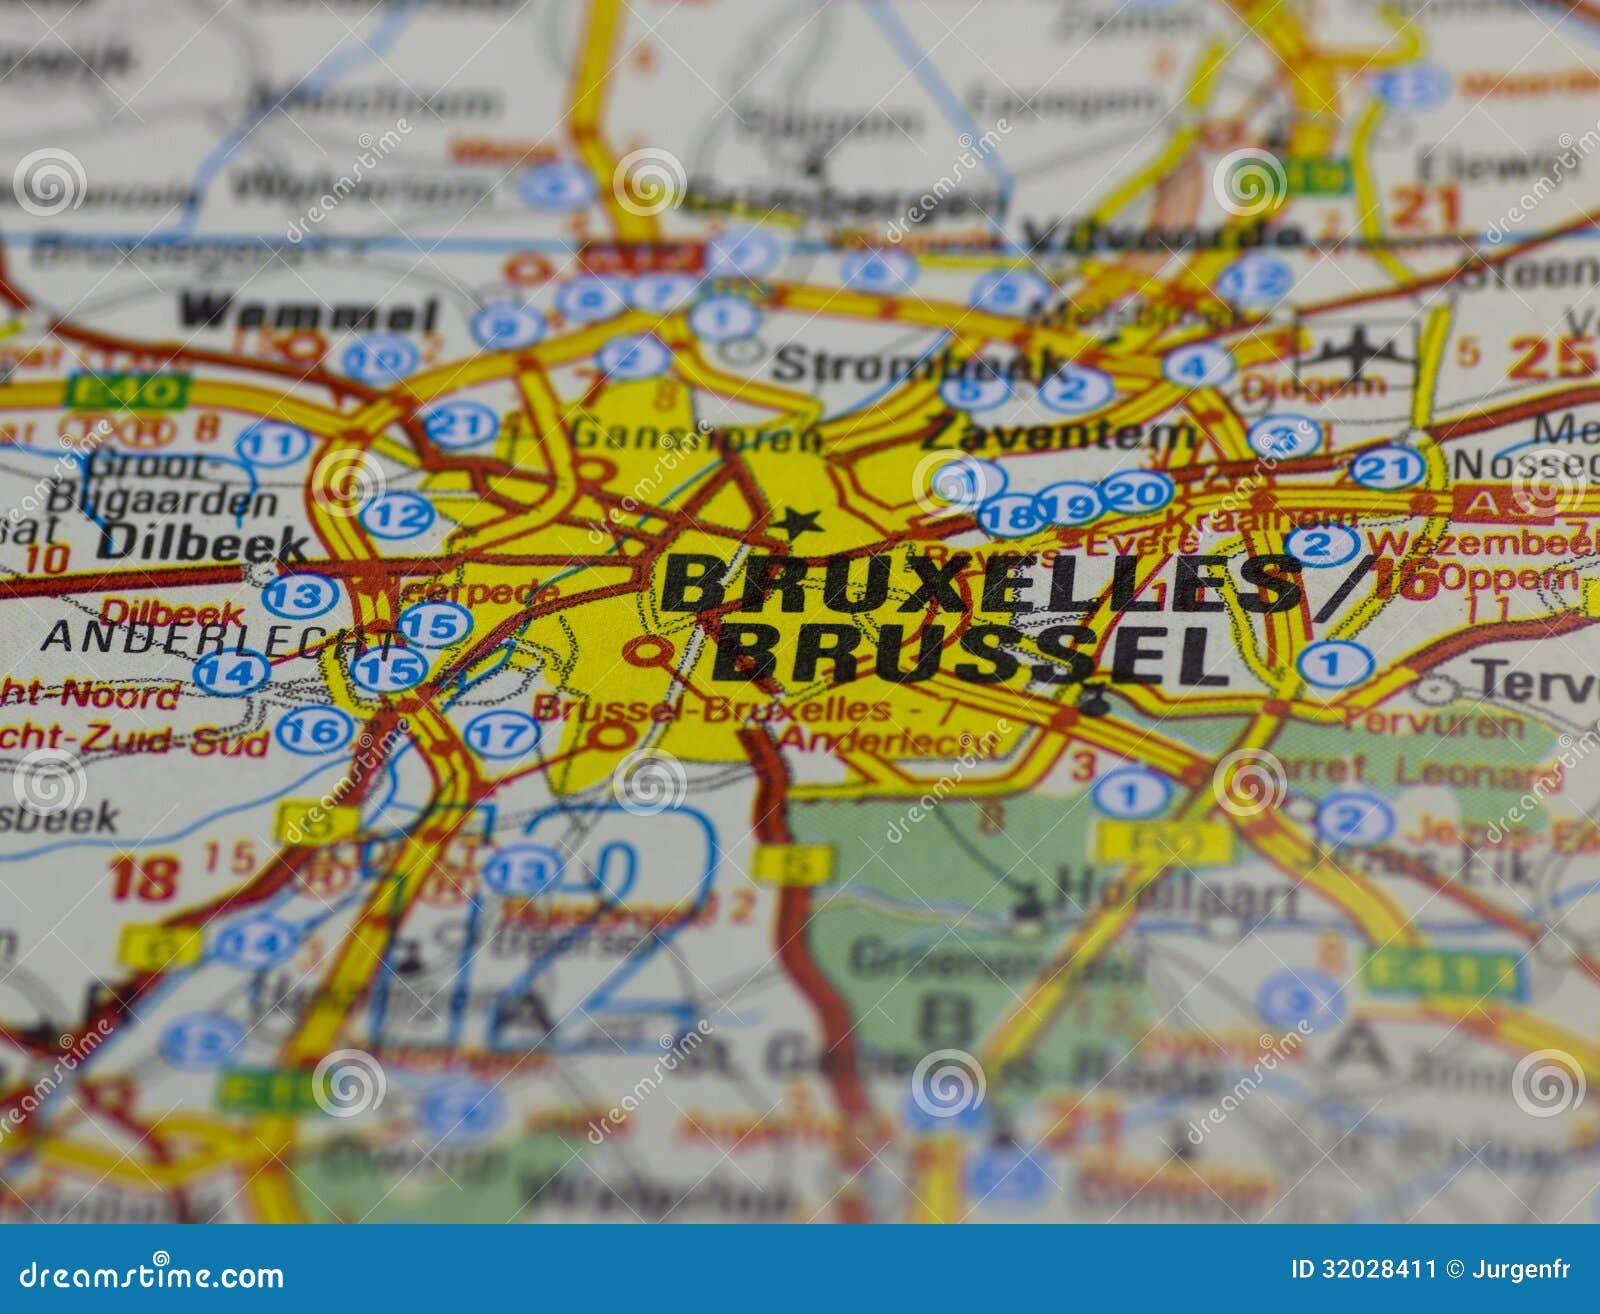 Bryssel gammal färdplan